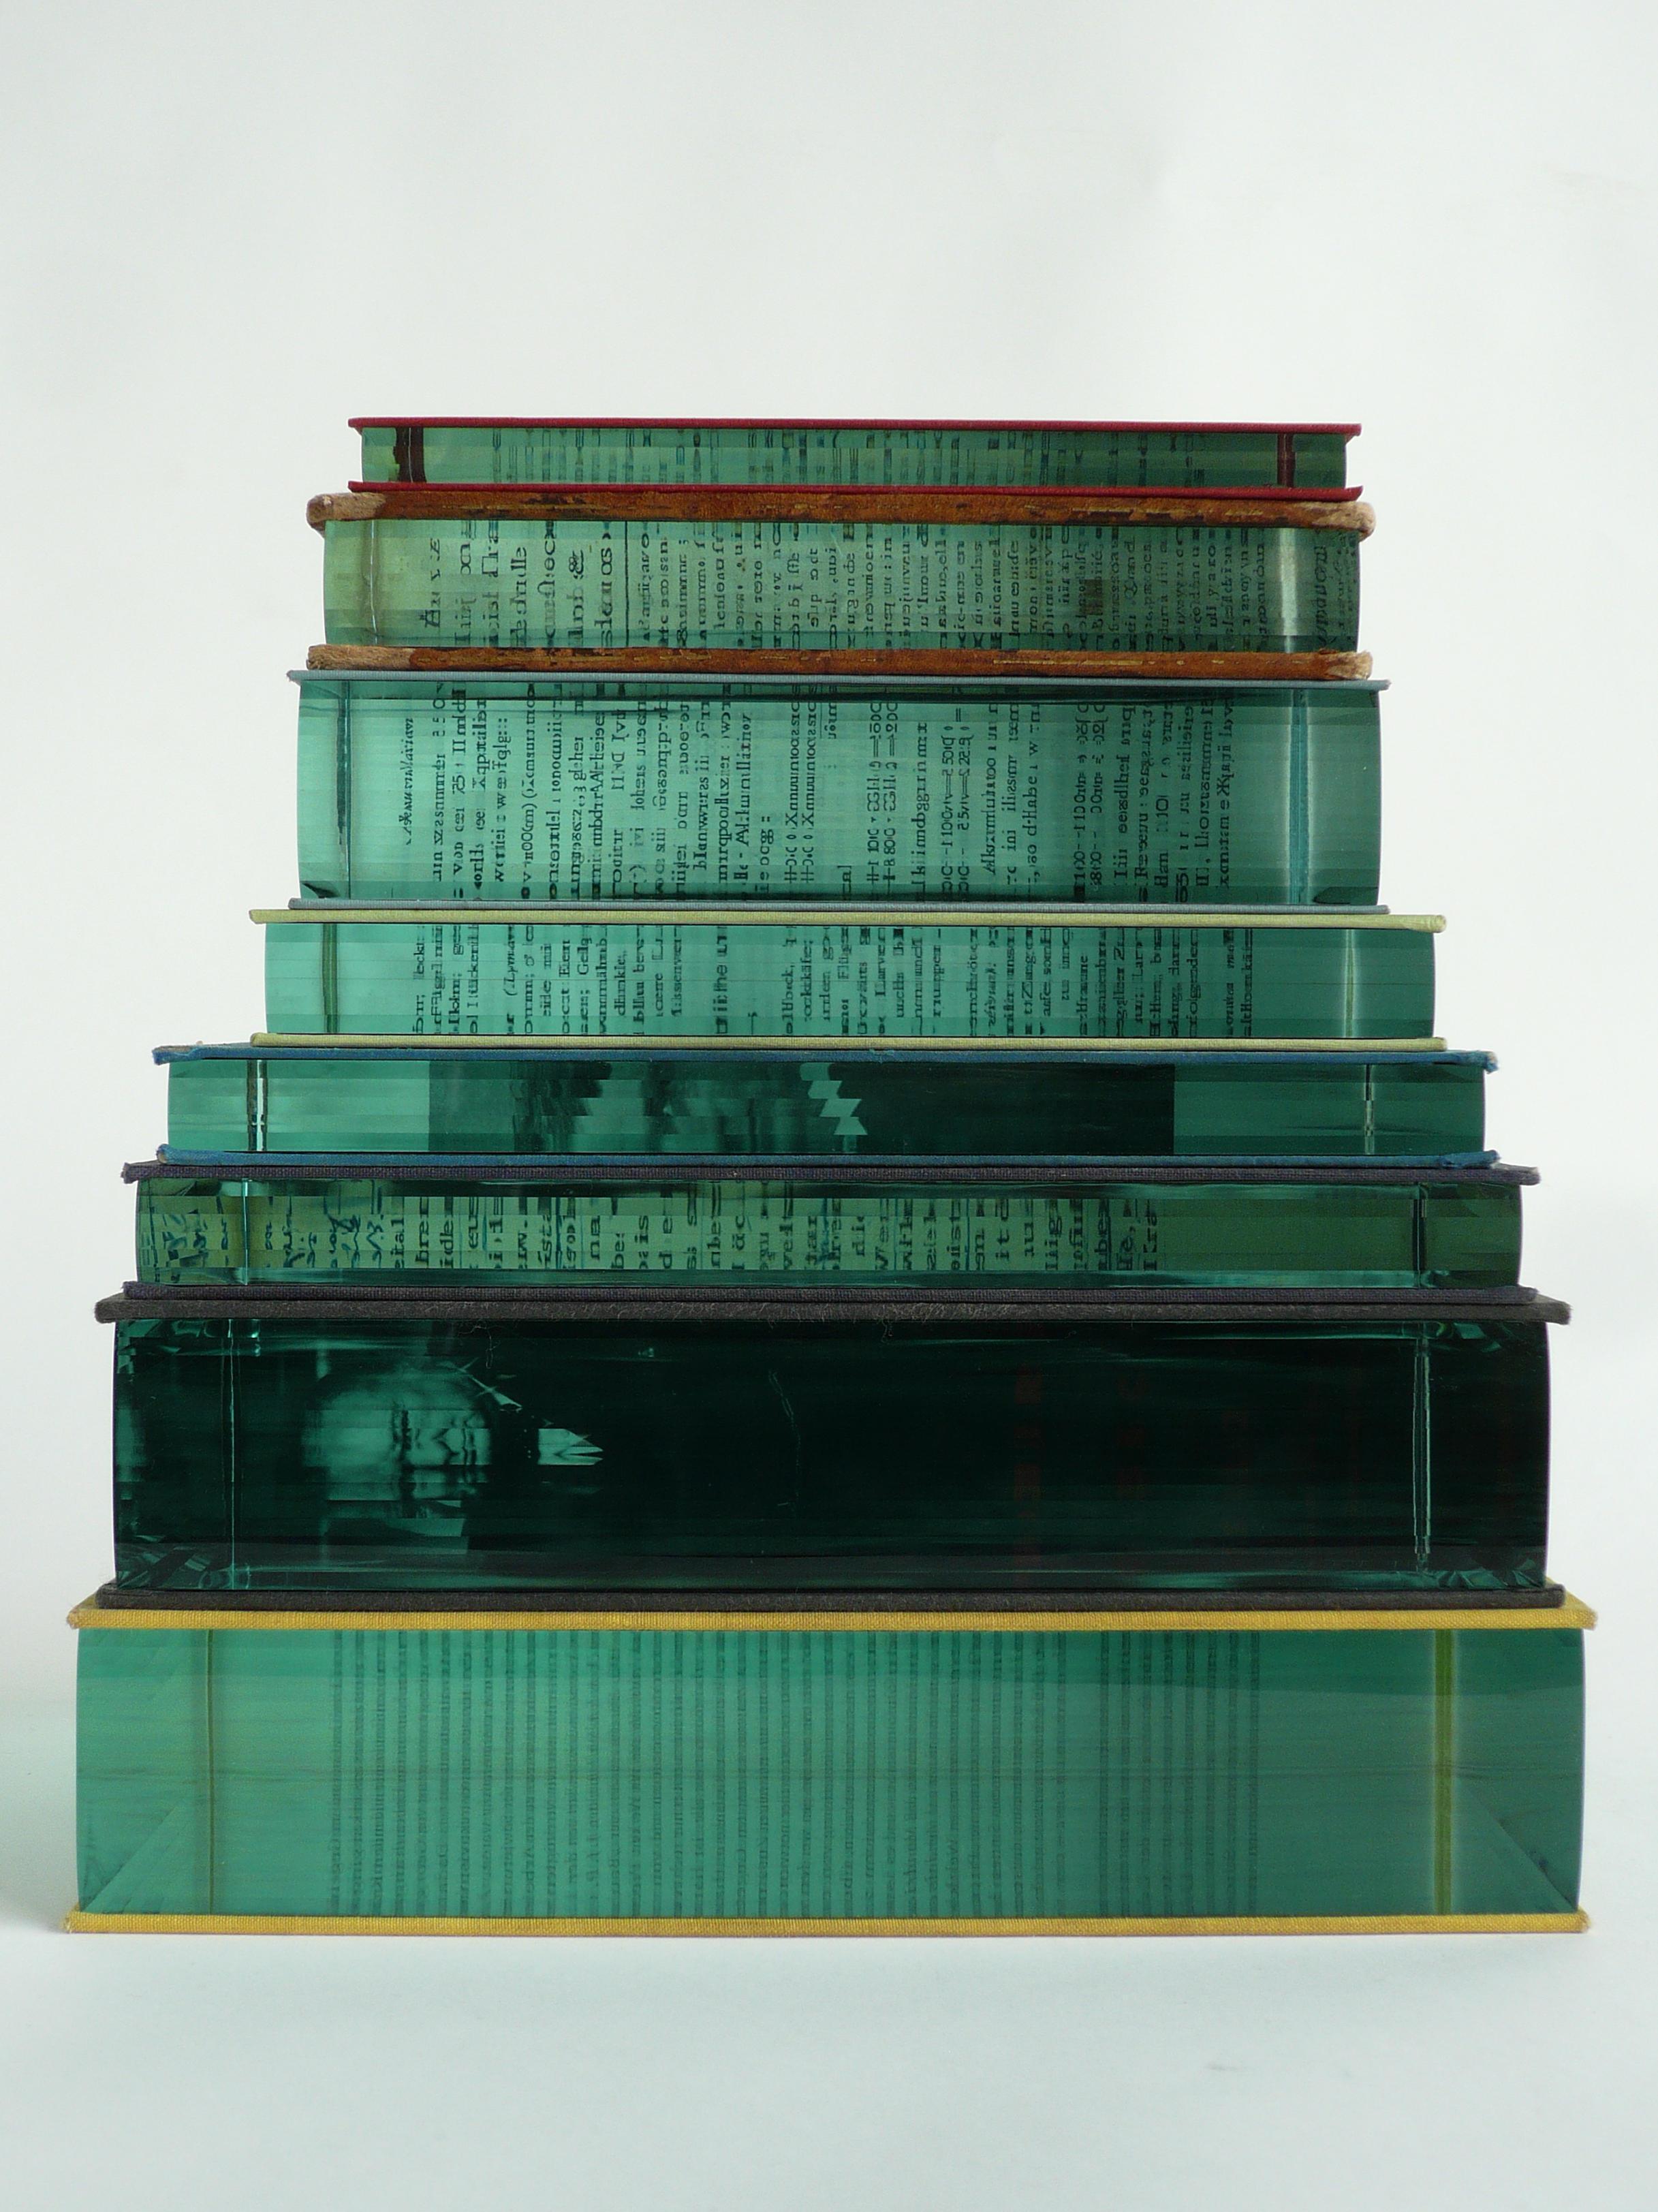 藤堂良門展 -7000 Basalt